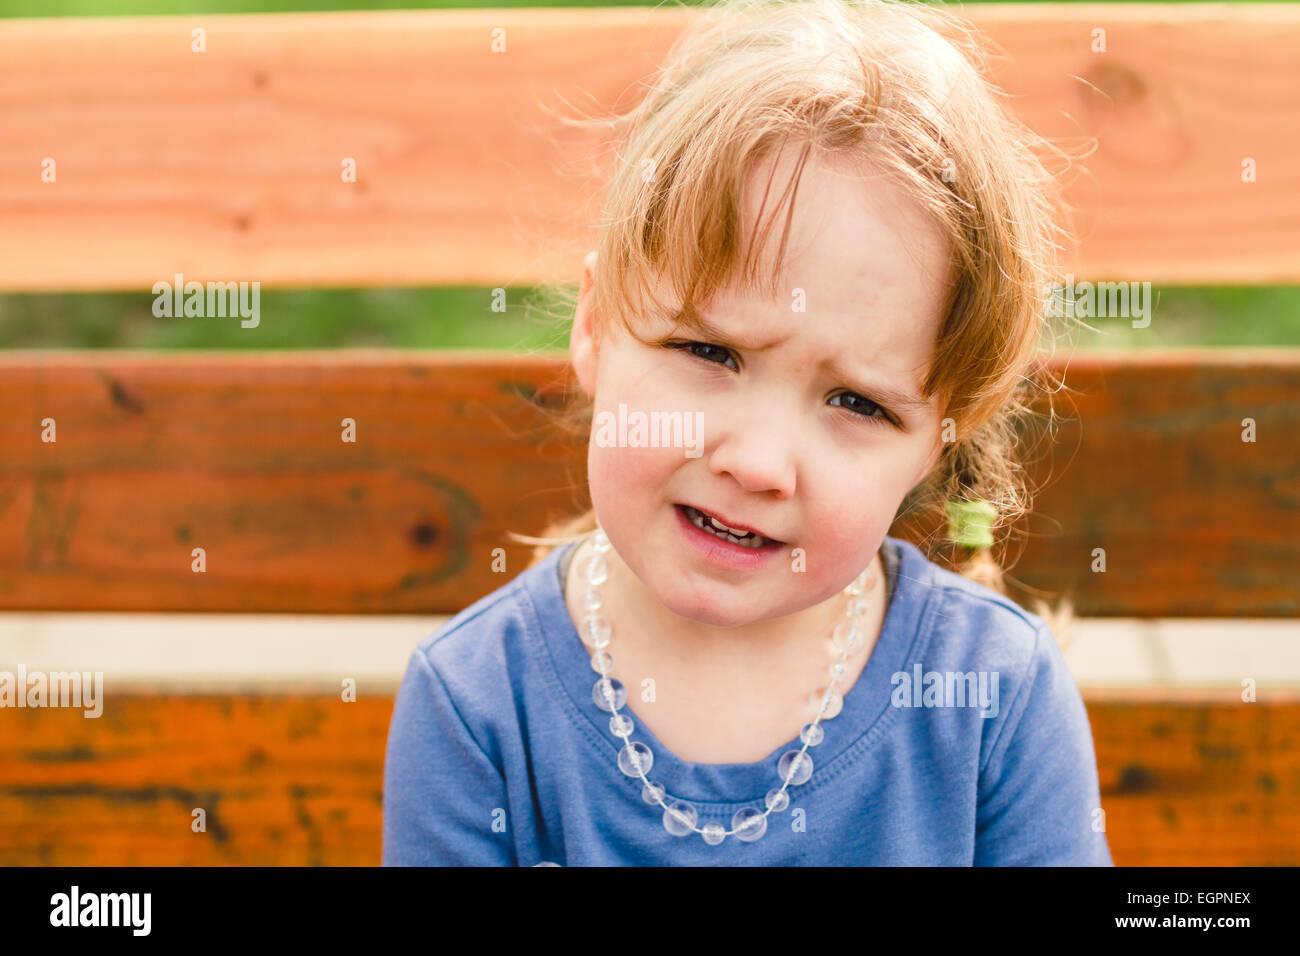 Stile di vita ritratto di una giovane ragazza in un parco con luce naturale. Immagini Stock